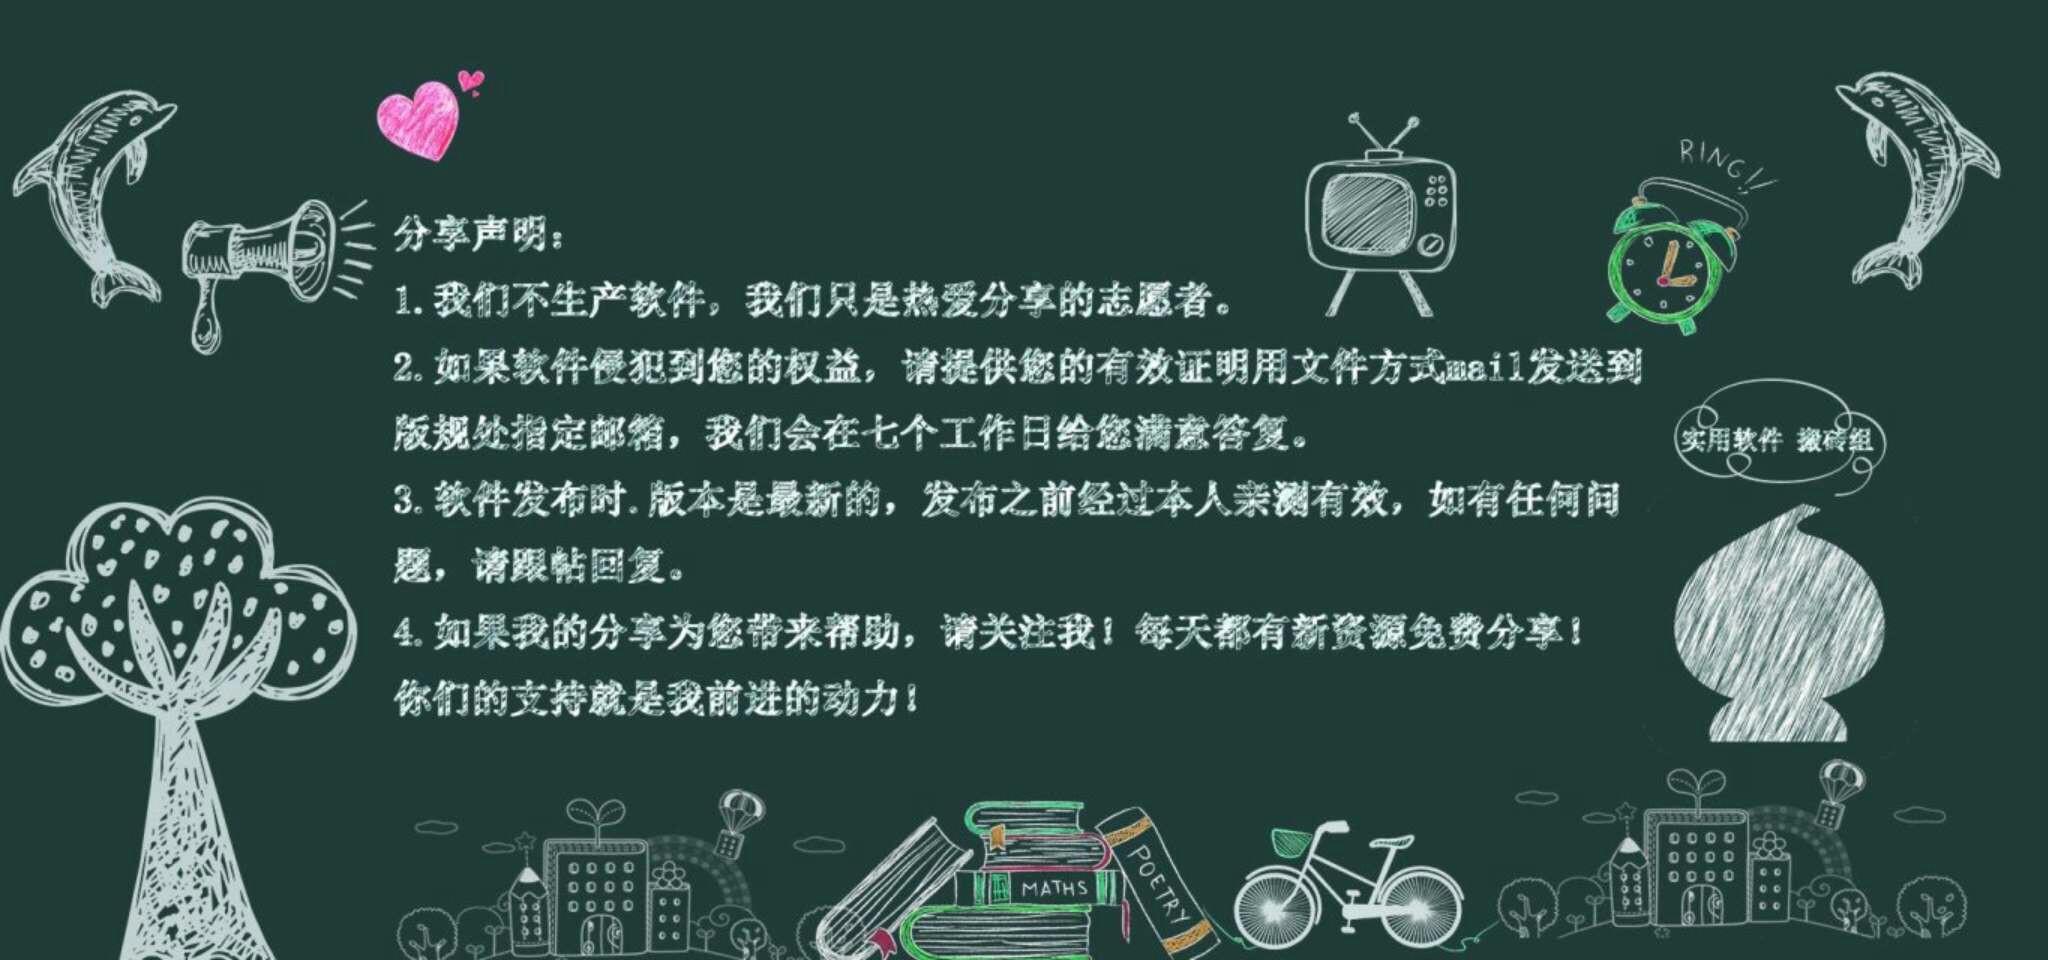 【资源分享】变脸-爱小助